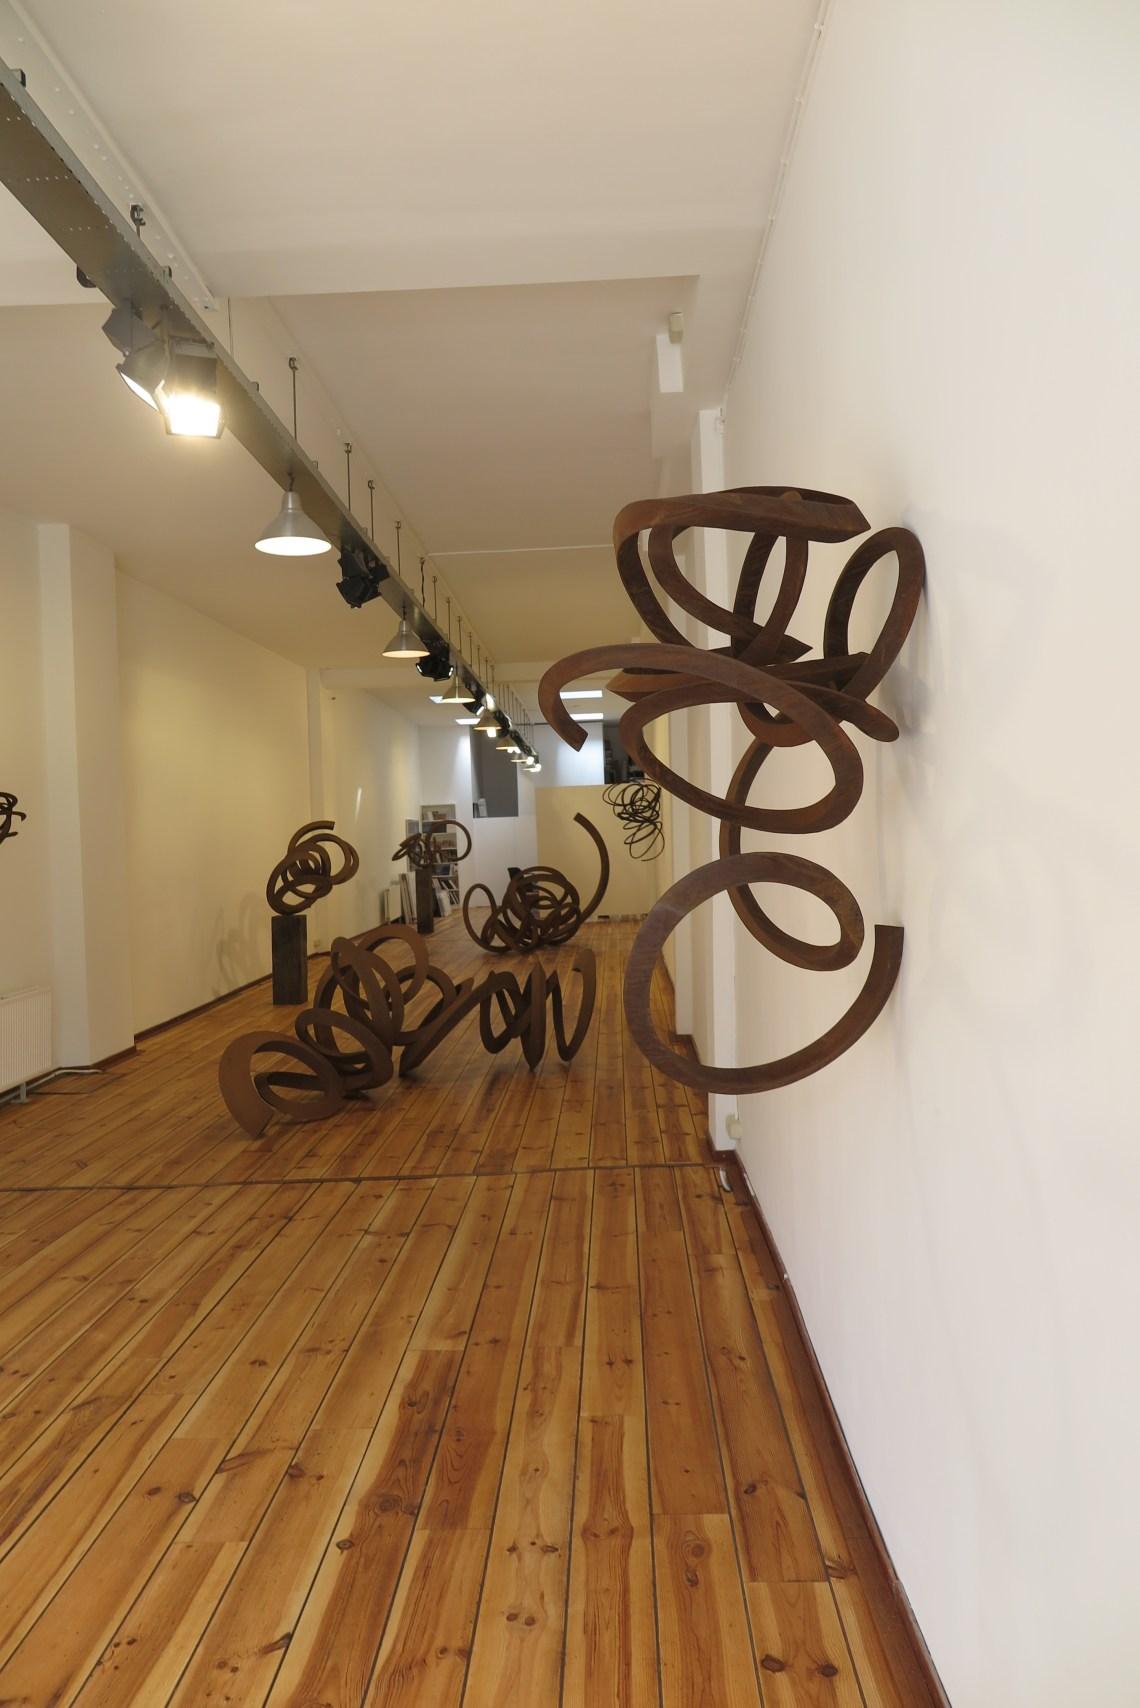 galerie Roger katwijk - overzicht expositie - Salto Mortale - Pieter Obels